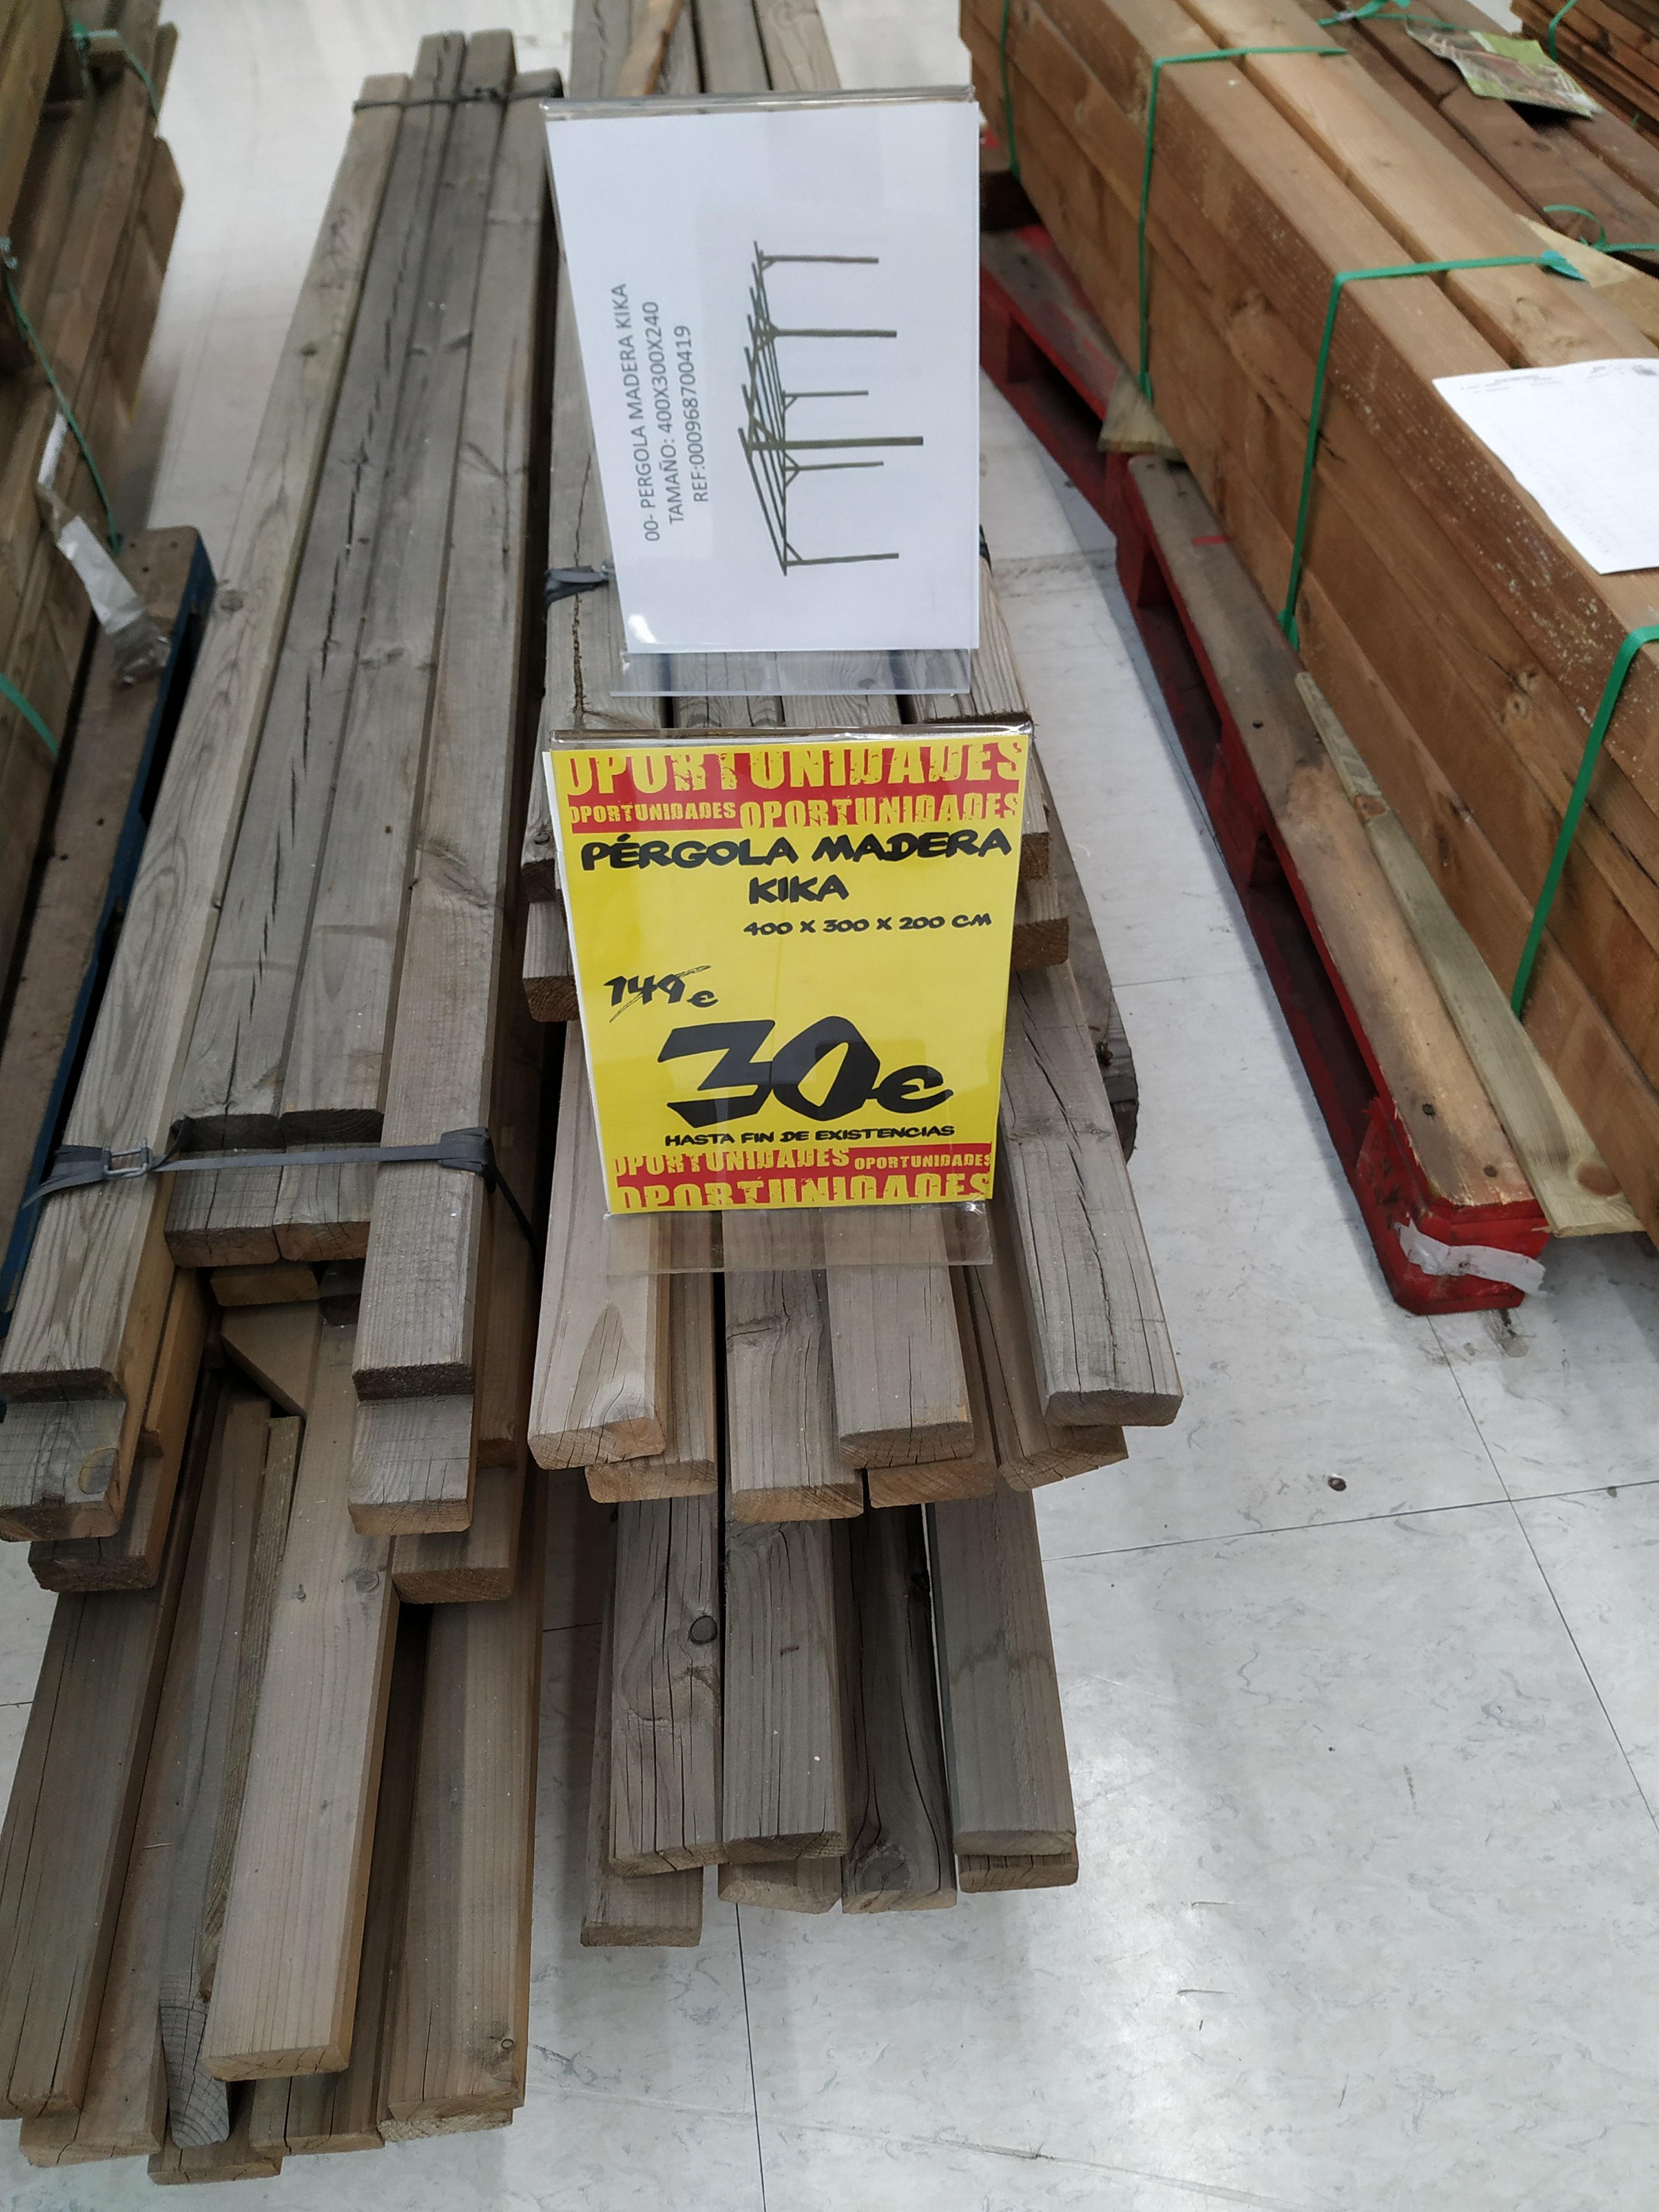 Pérgola madera en Bricor (Arroyosur)